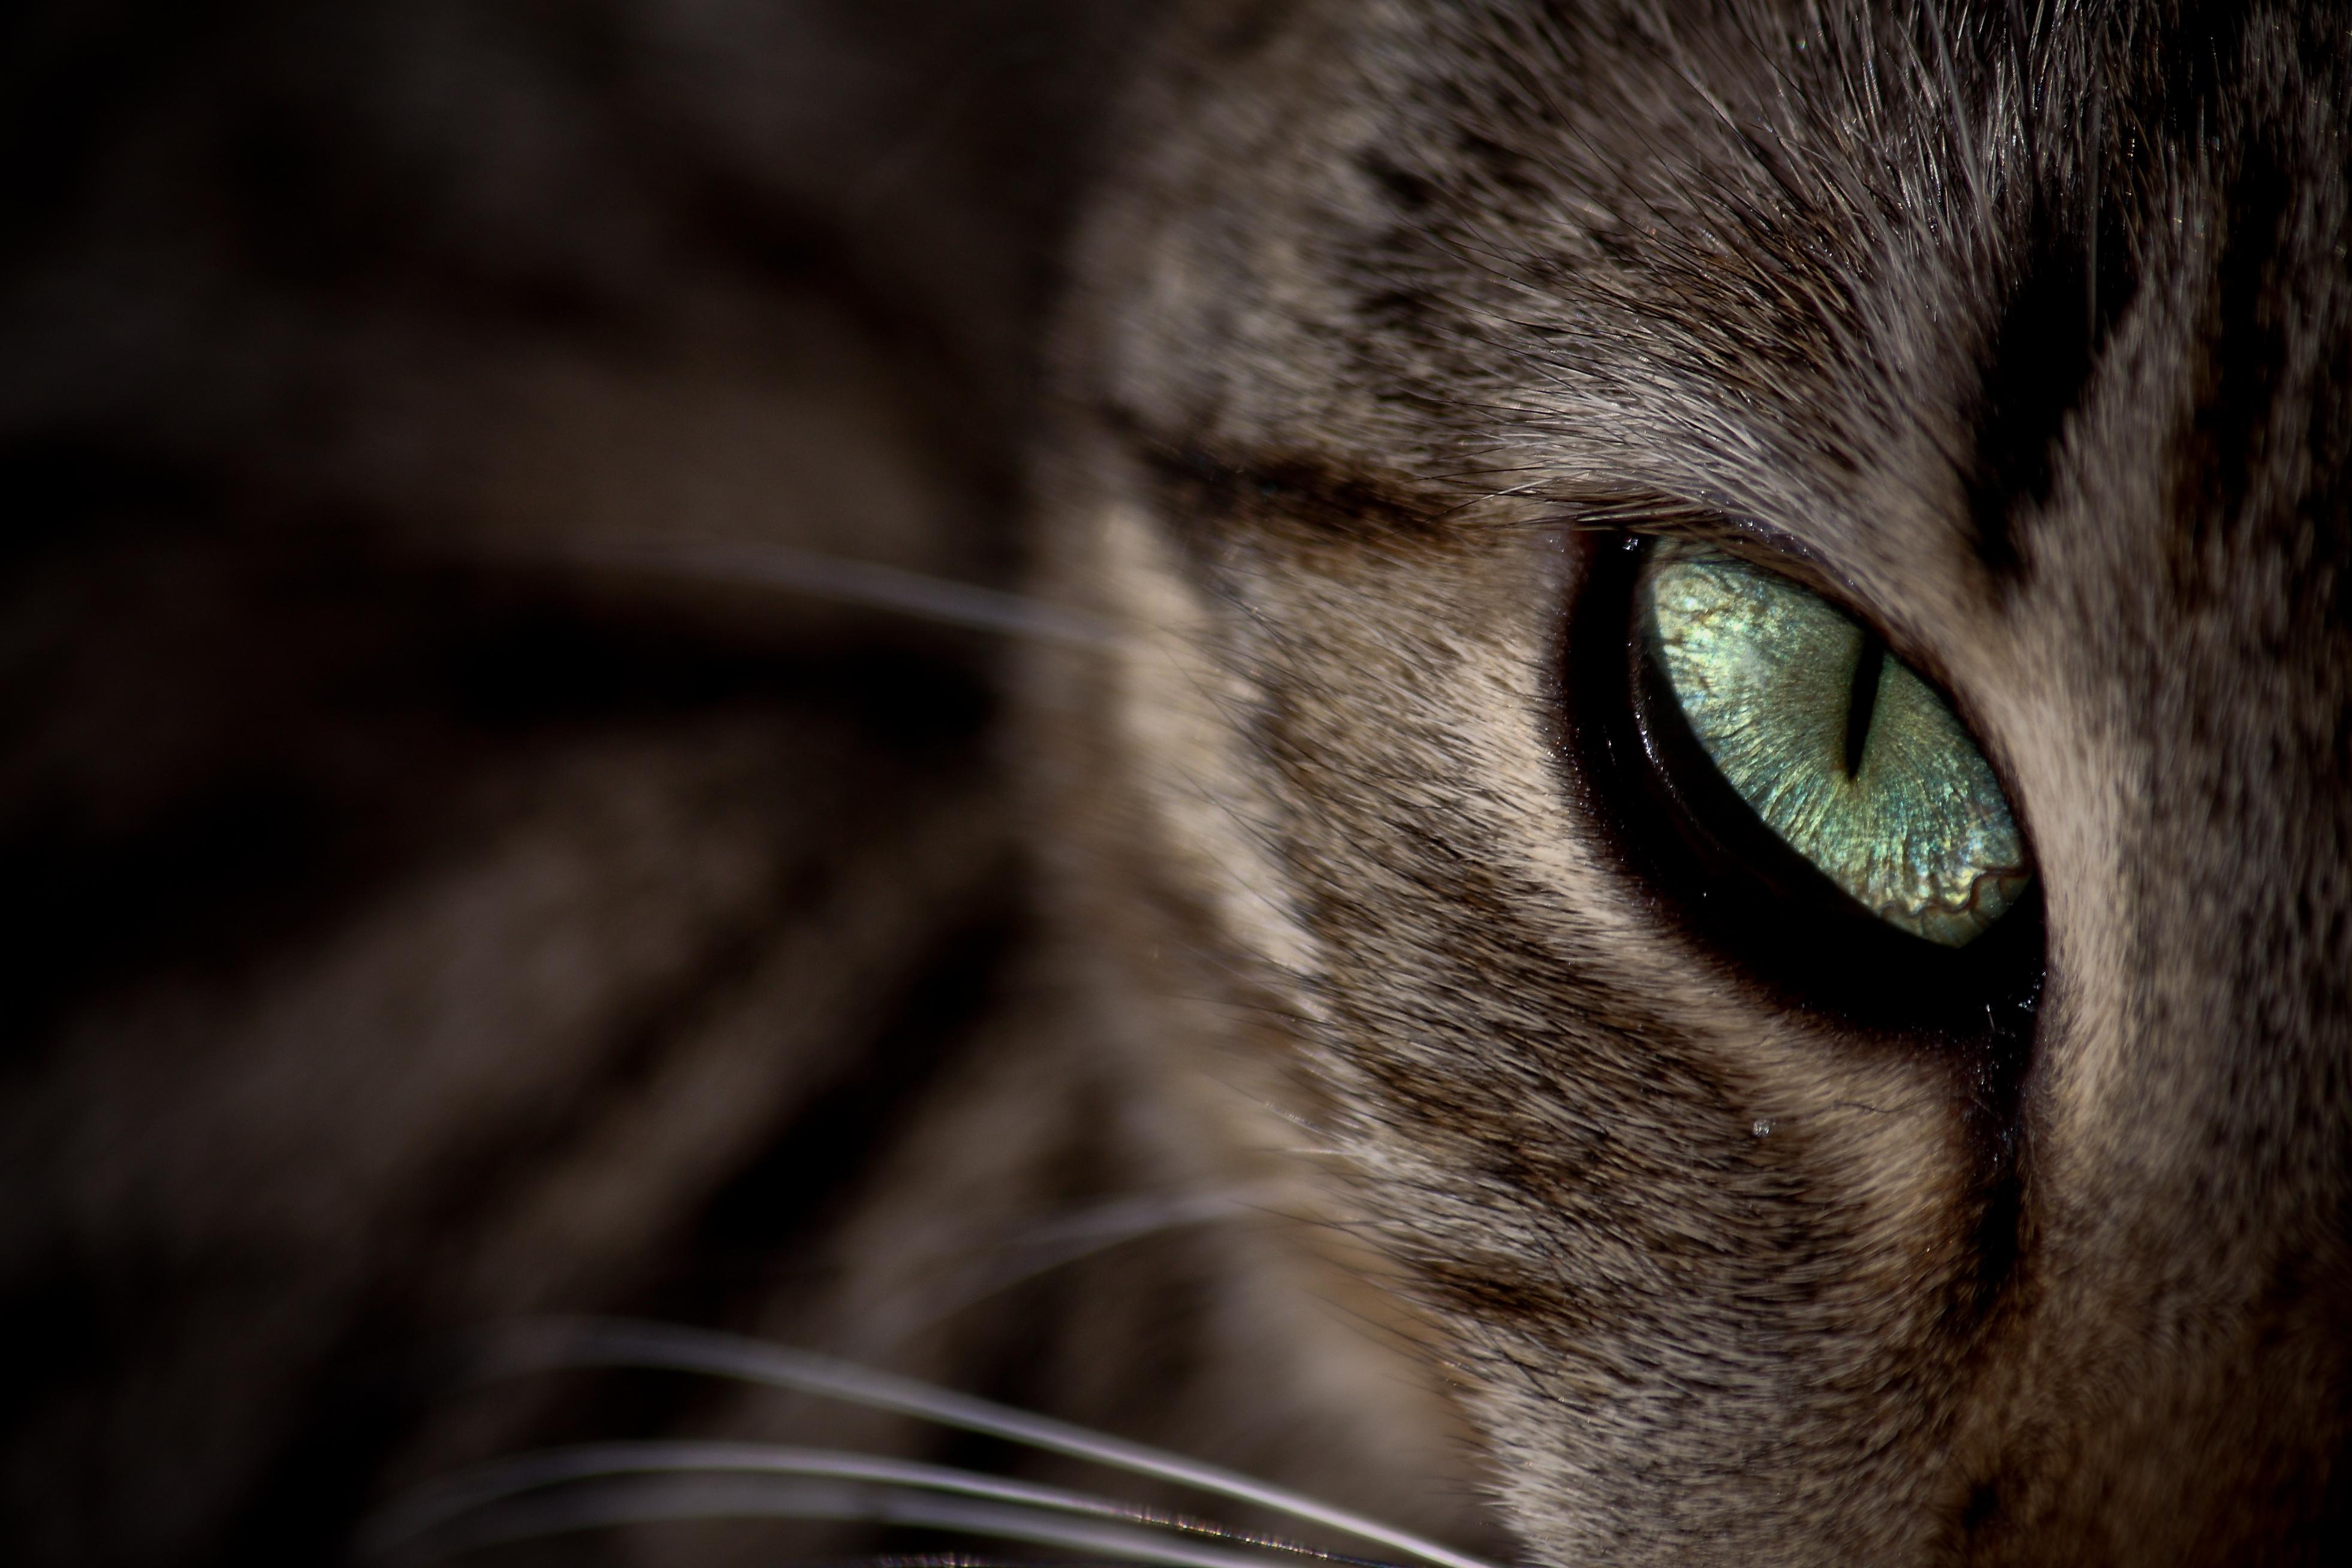 Kattbeteenden och problem 1 – Den jamande katten